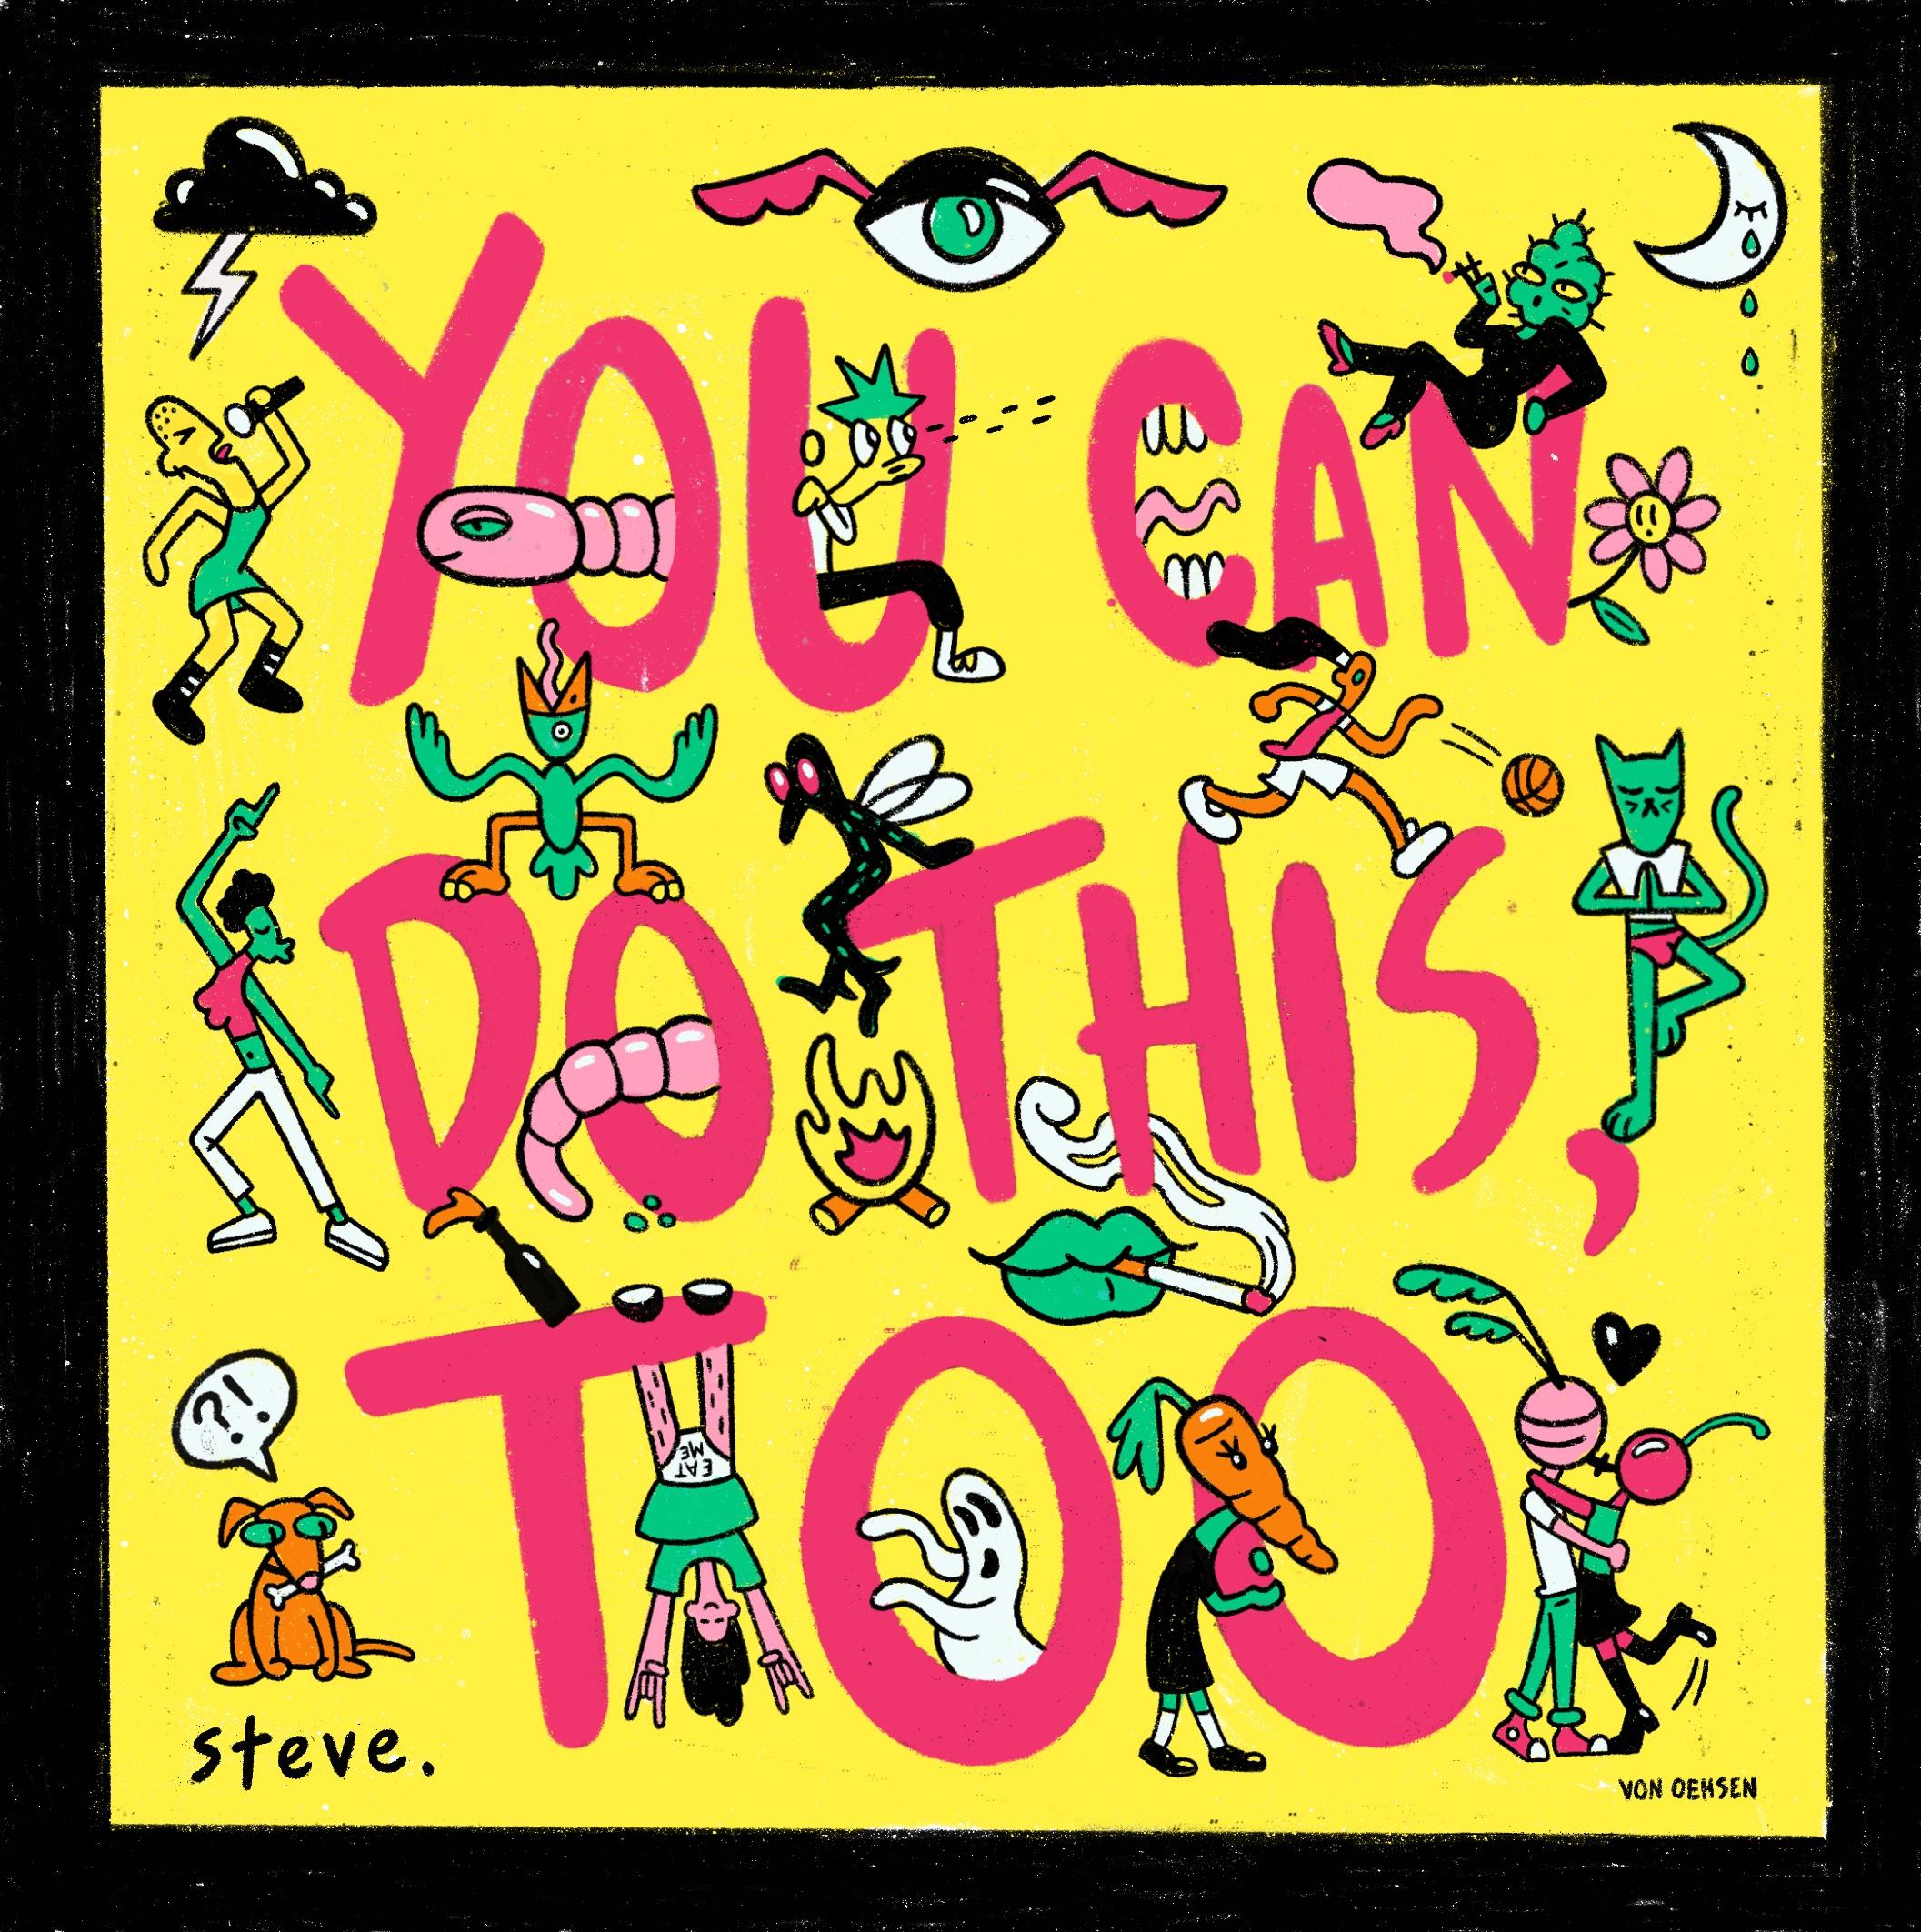 Steve. Album Cover